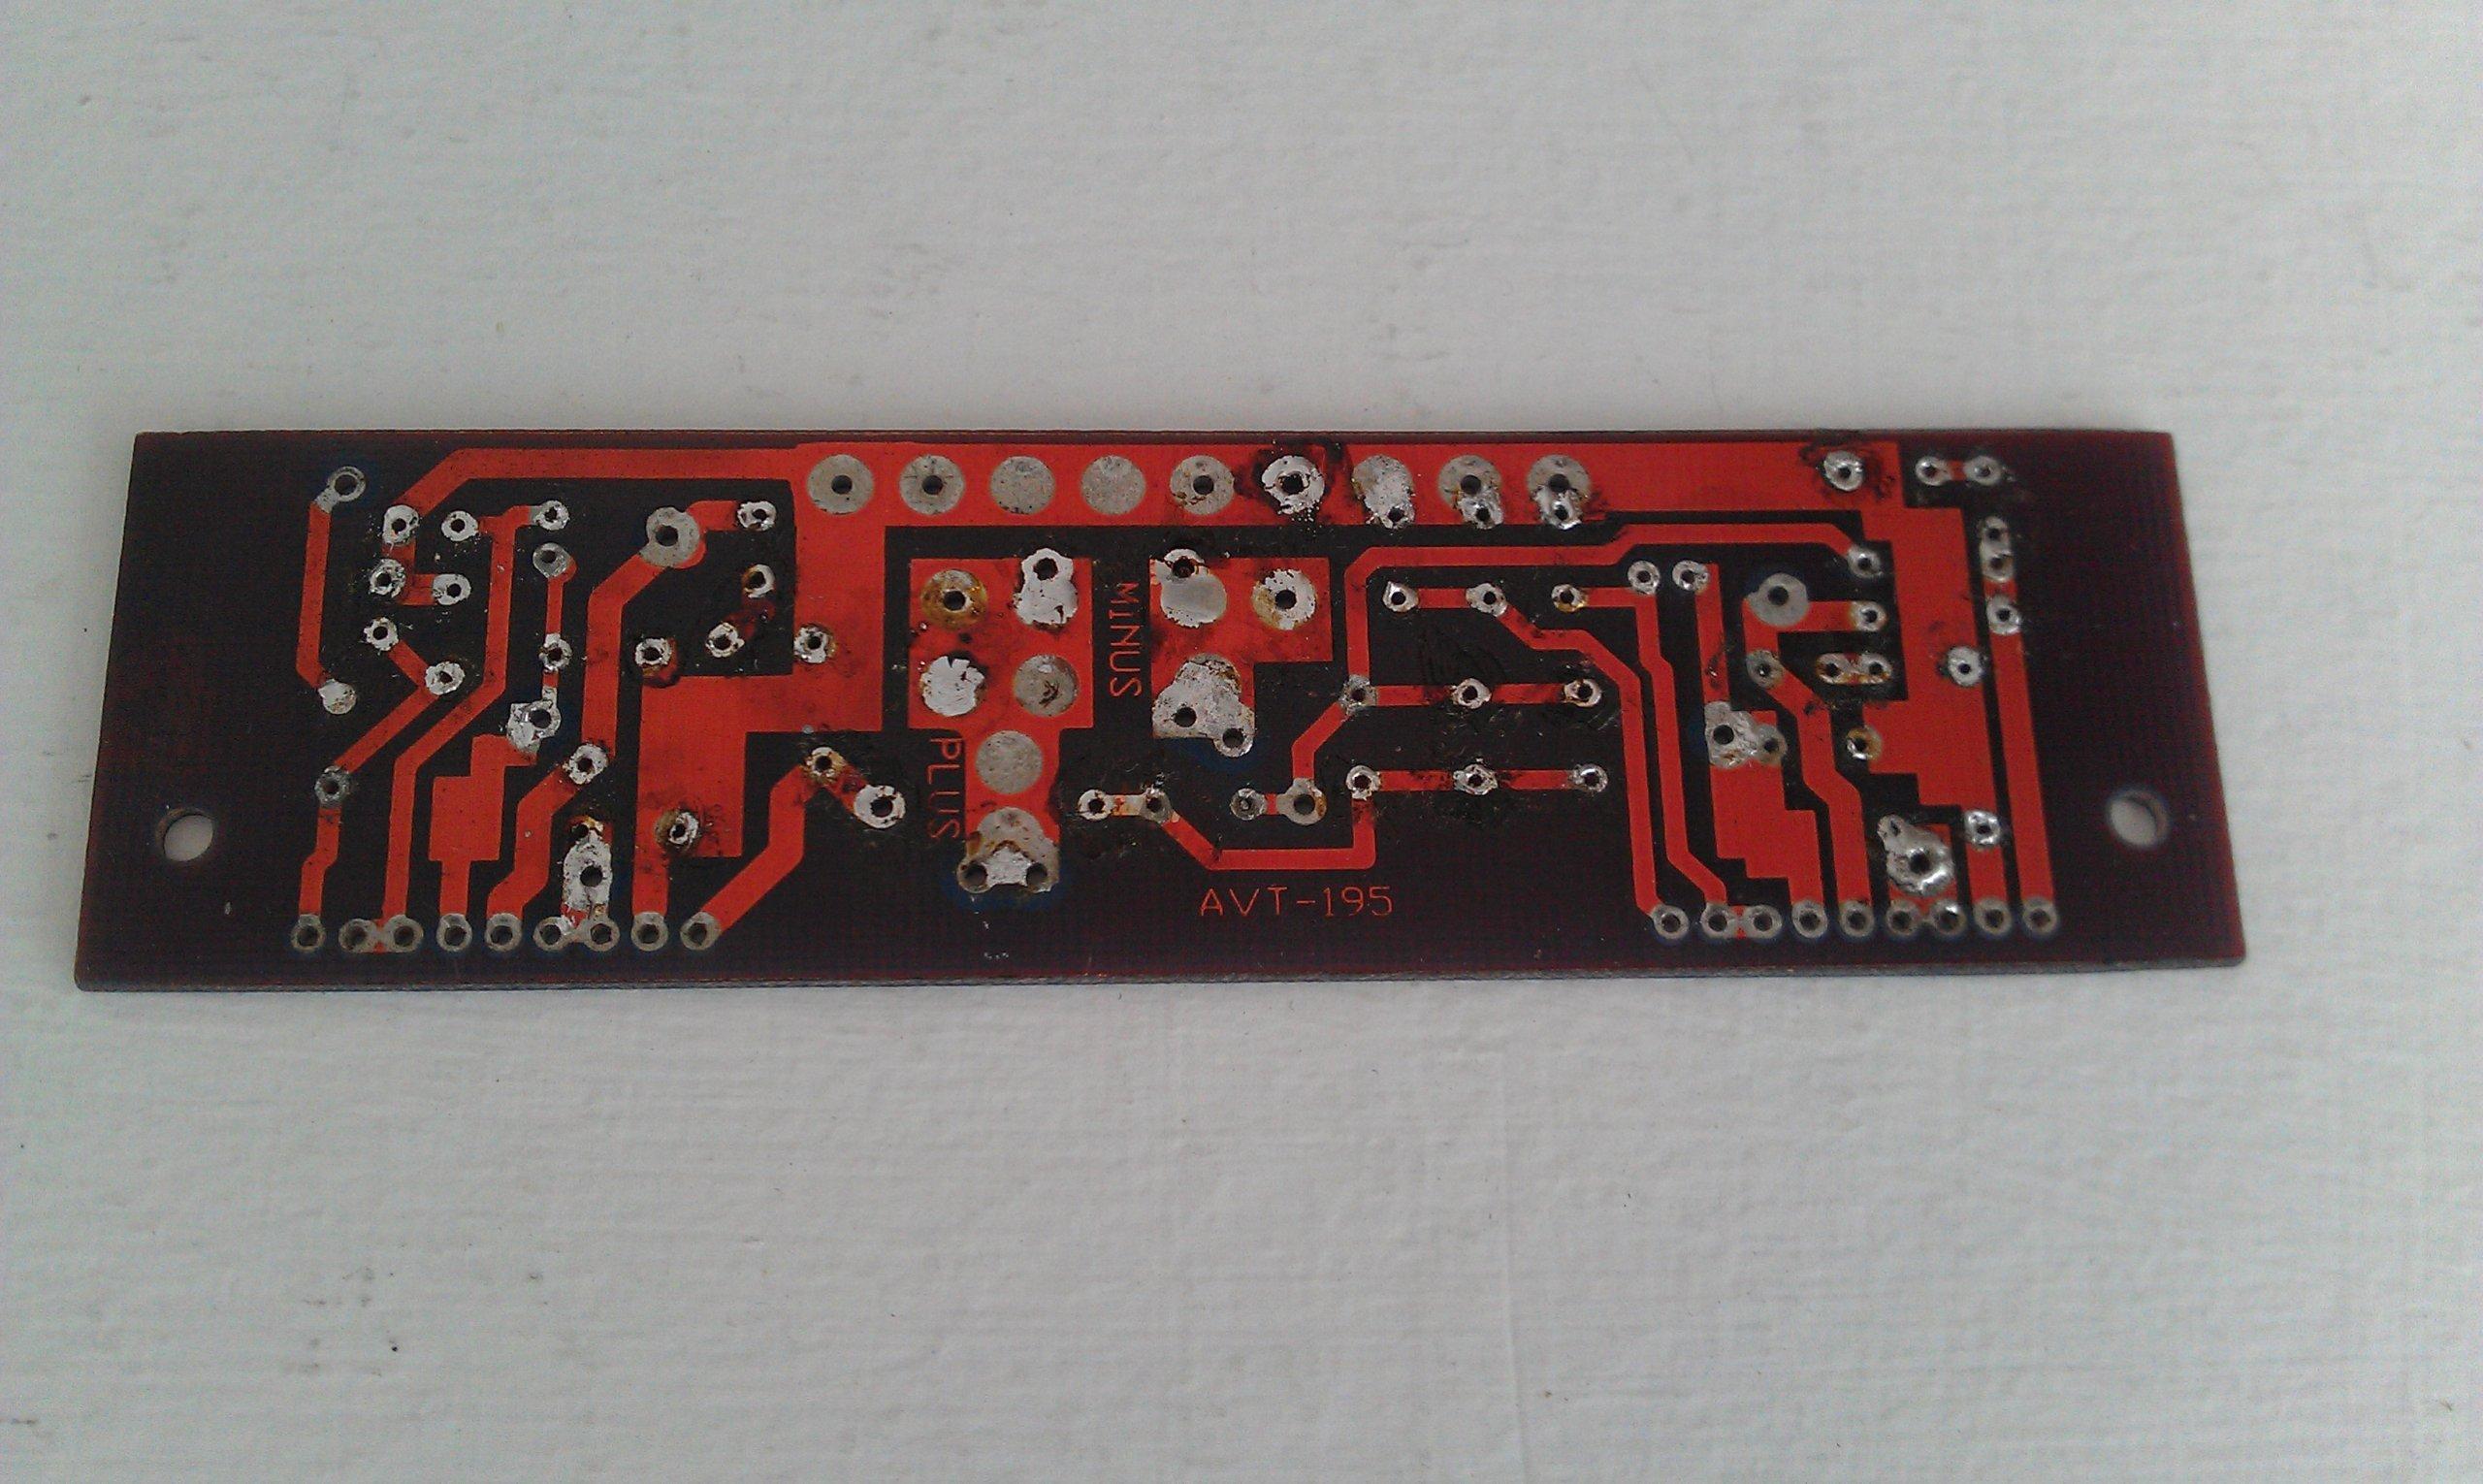 Diy Kocwka Mocy 2x100w Tda 1514a Kit Avt 195 7106780269 50w Audio Amplifier With Tda1514a